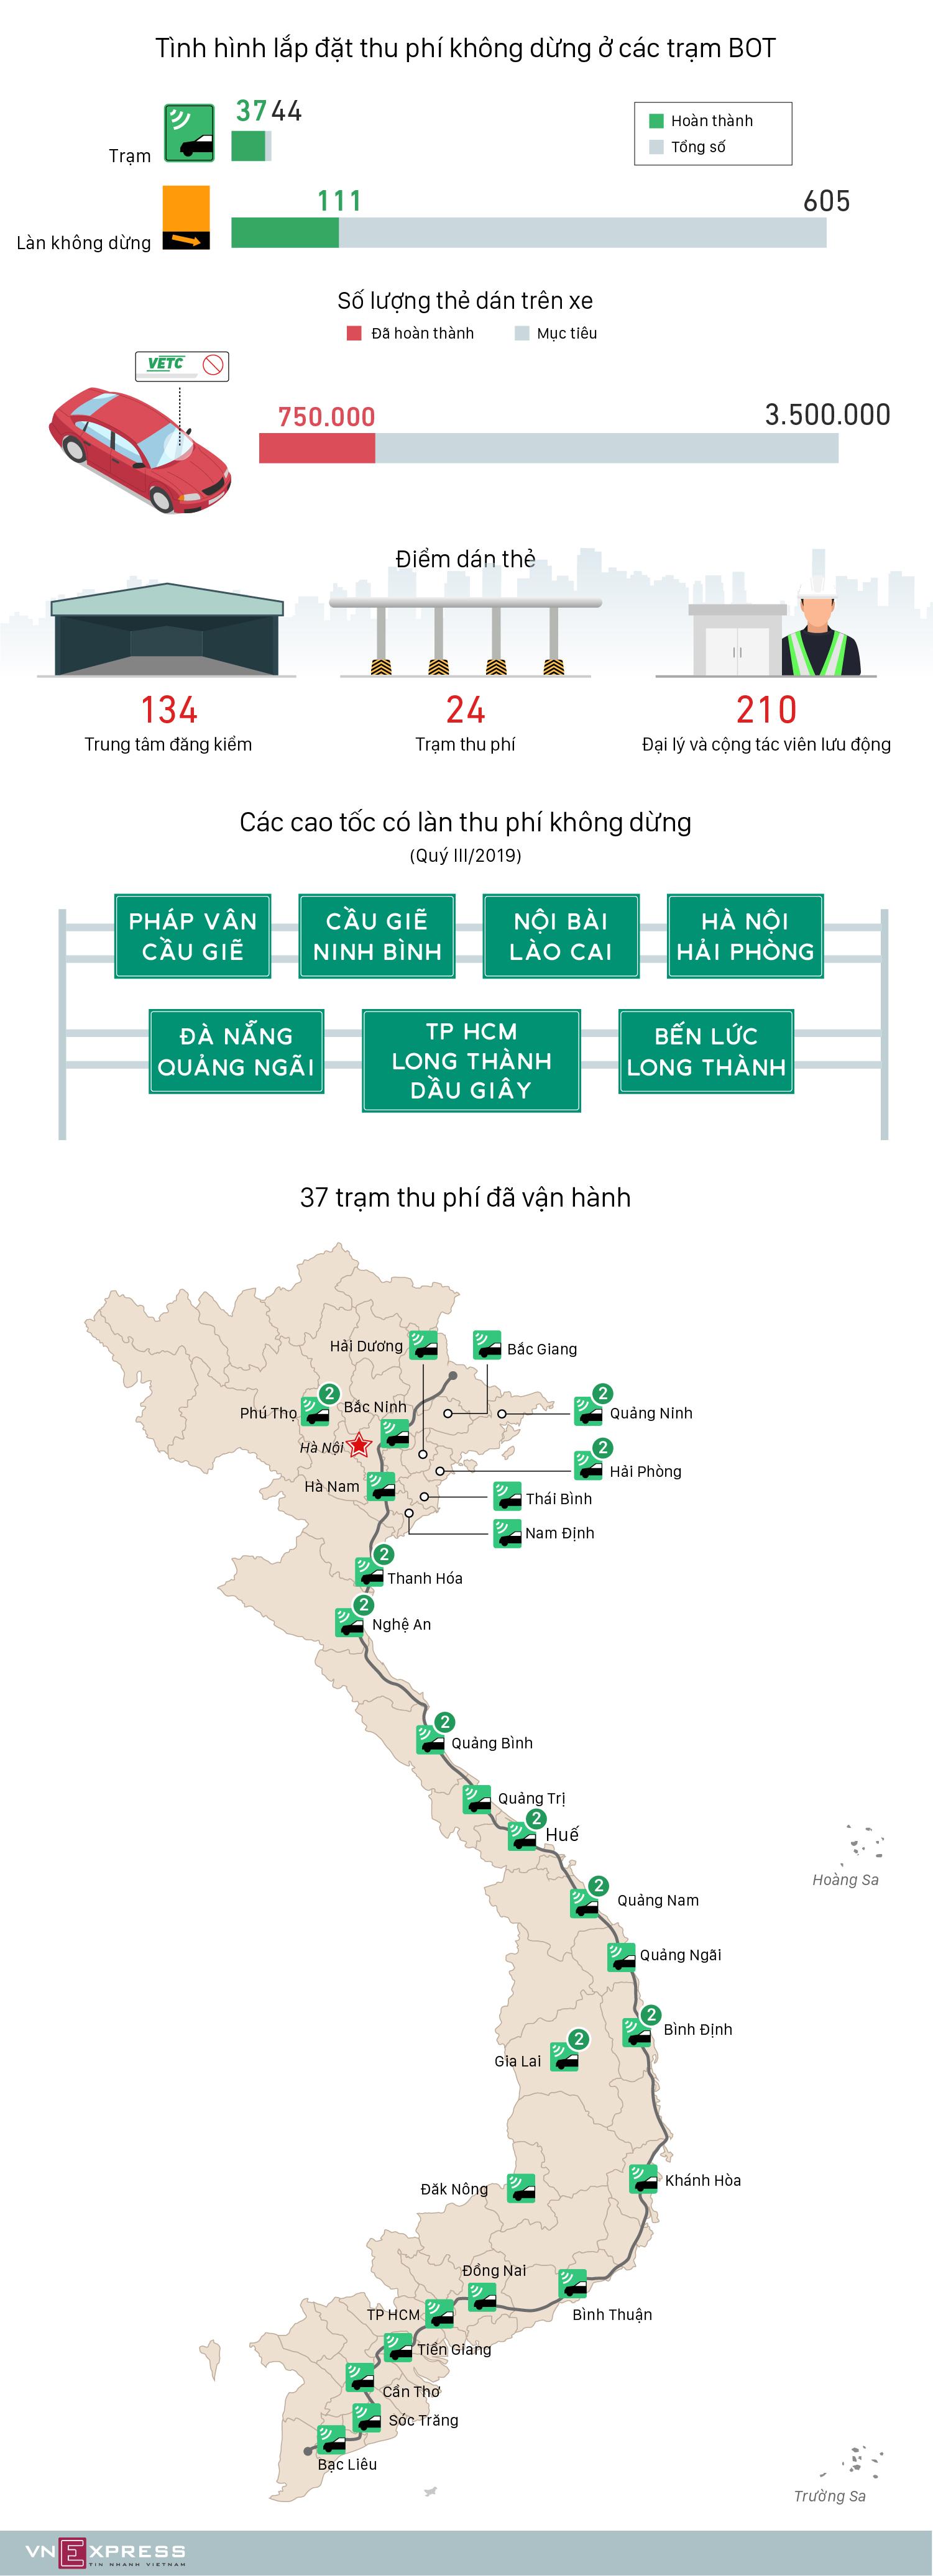 37 trạm BOT lắp đặt thu phí không dừng